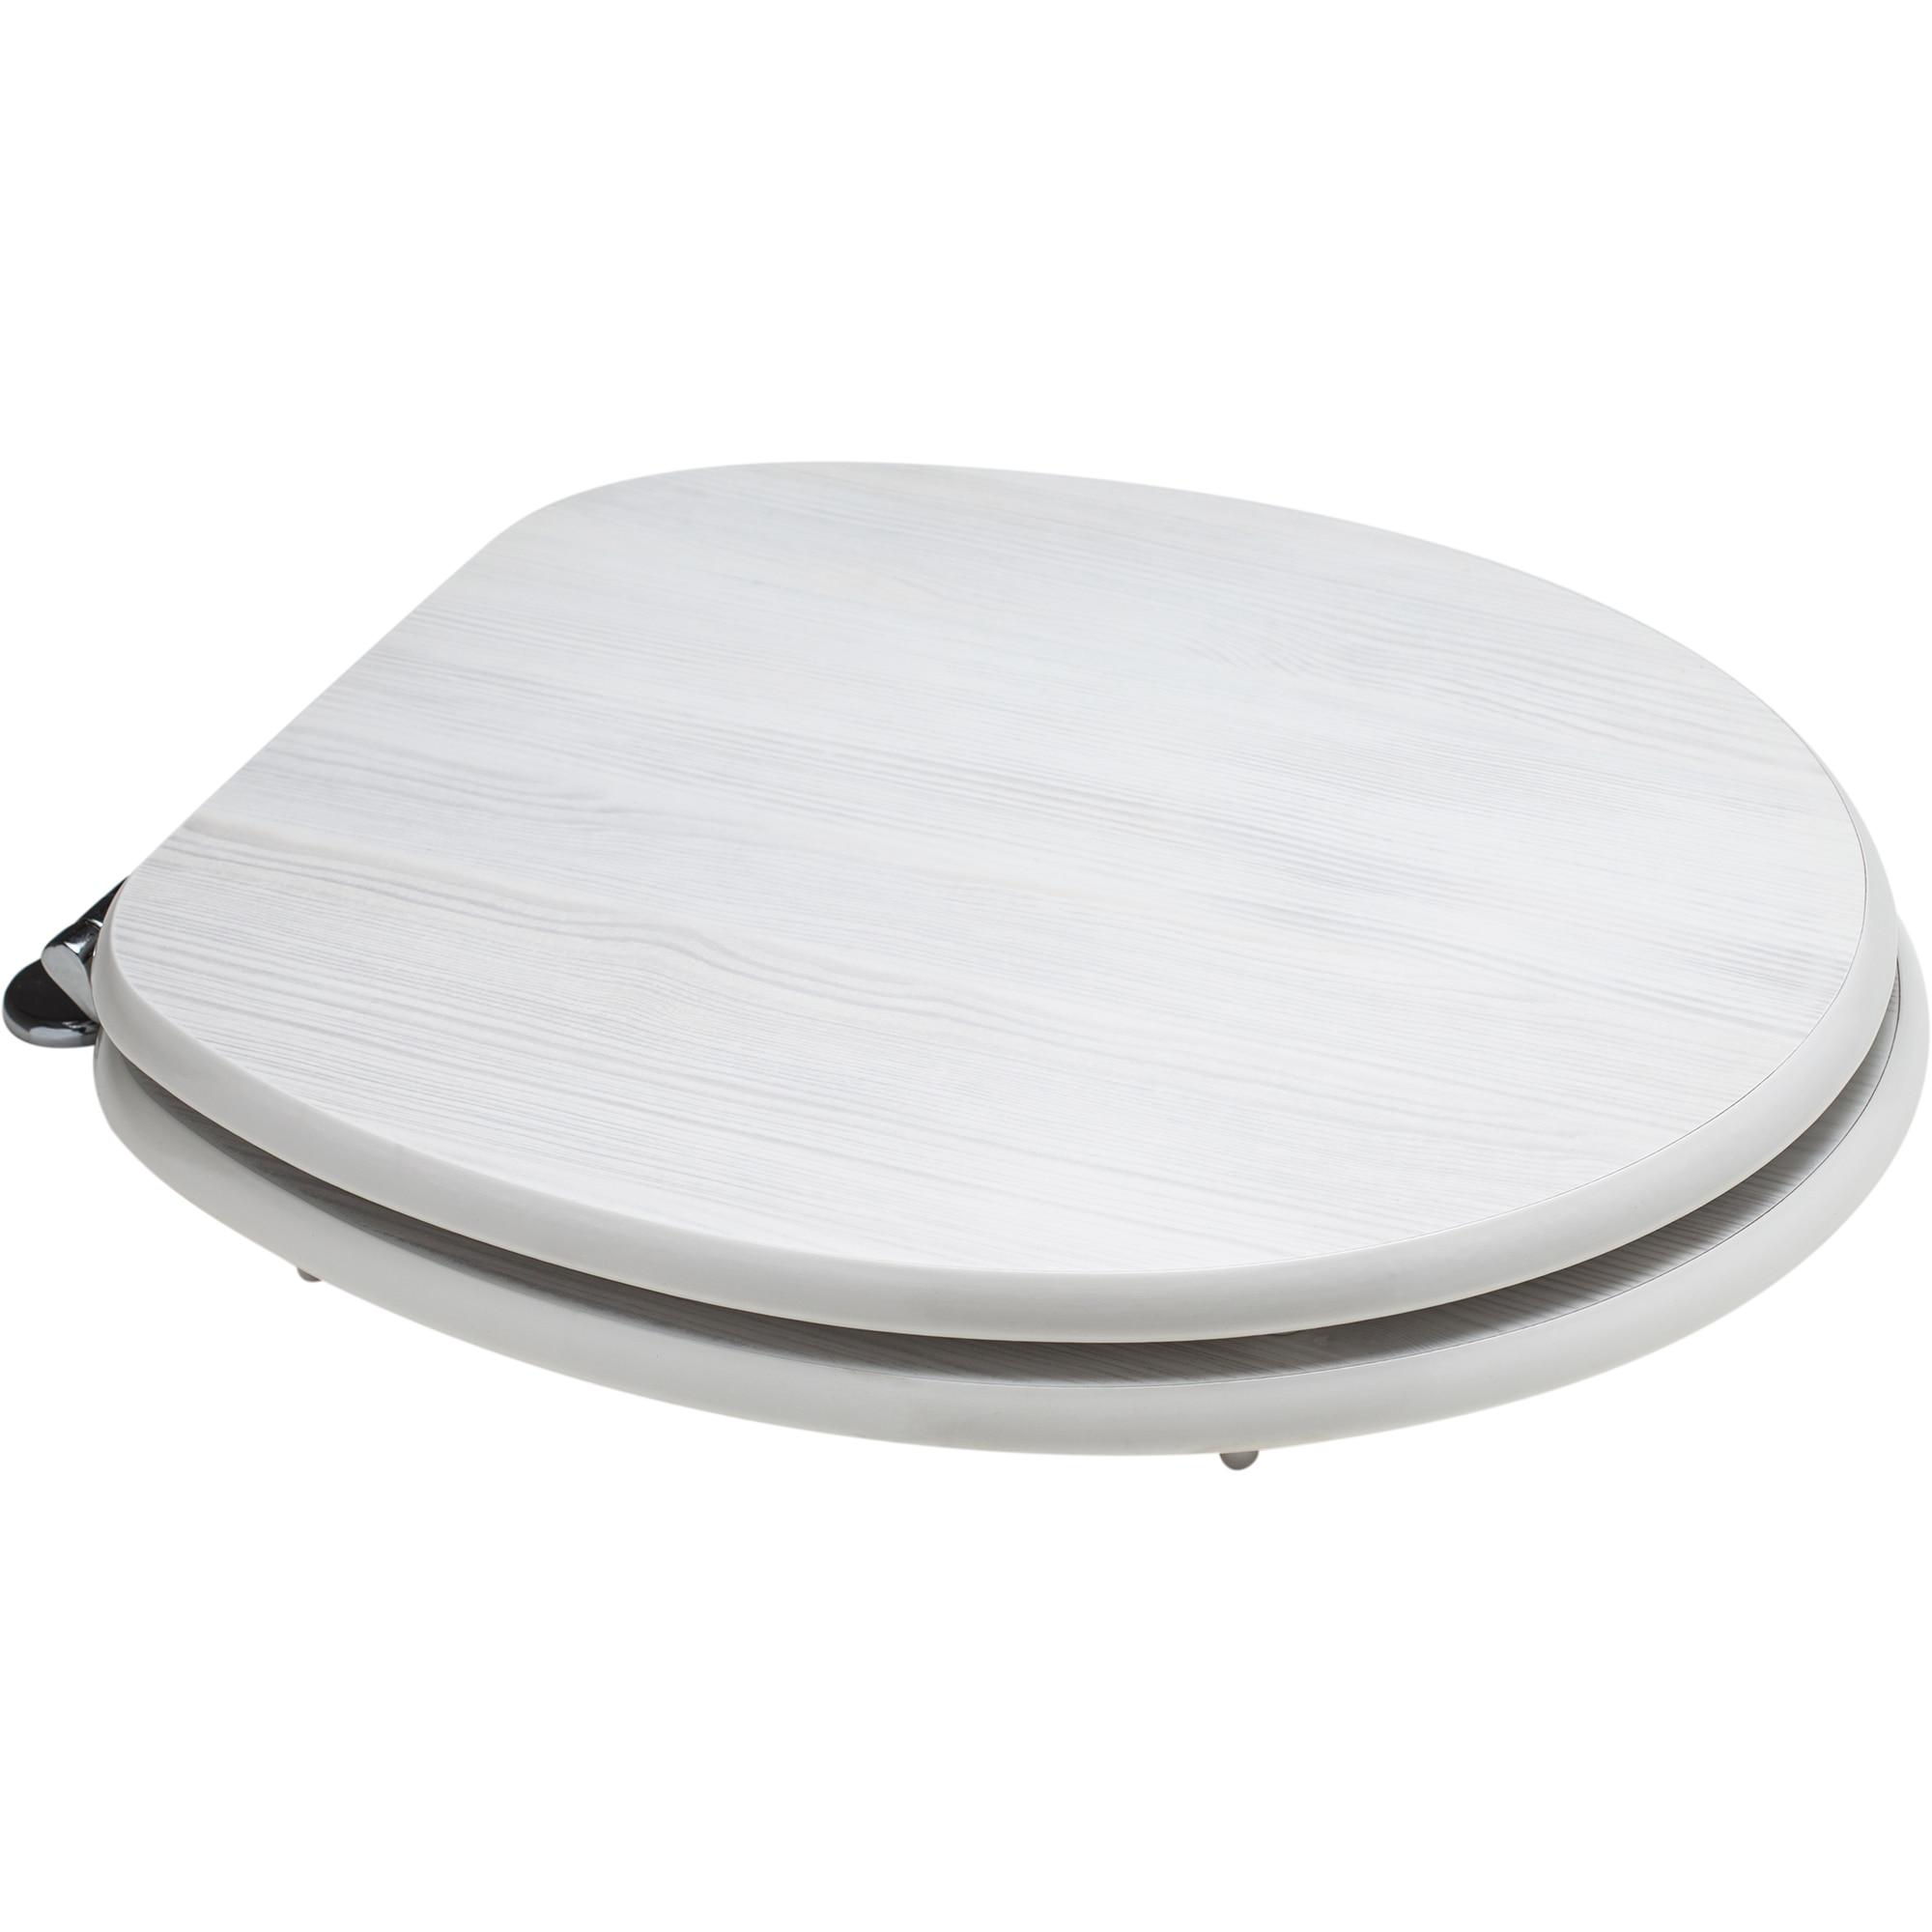 Fotografie Capac WC universal Kring Rovere Bianco, din MDF, 37.5x5.5x44.3cm, cu balamale metalice